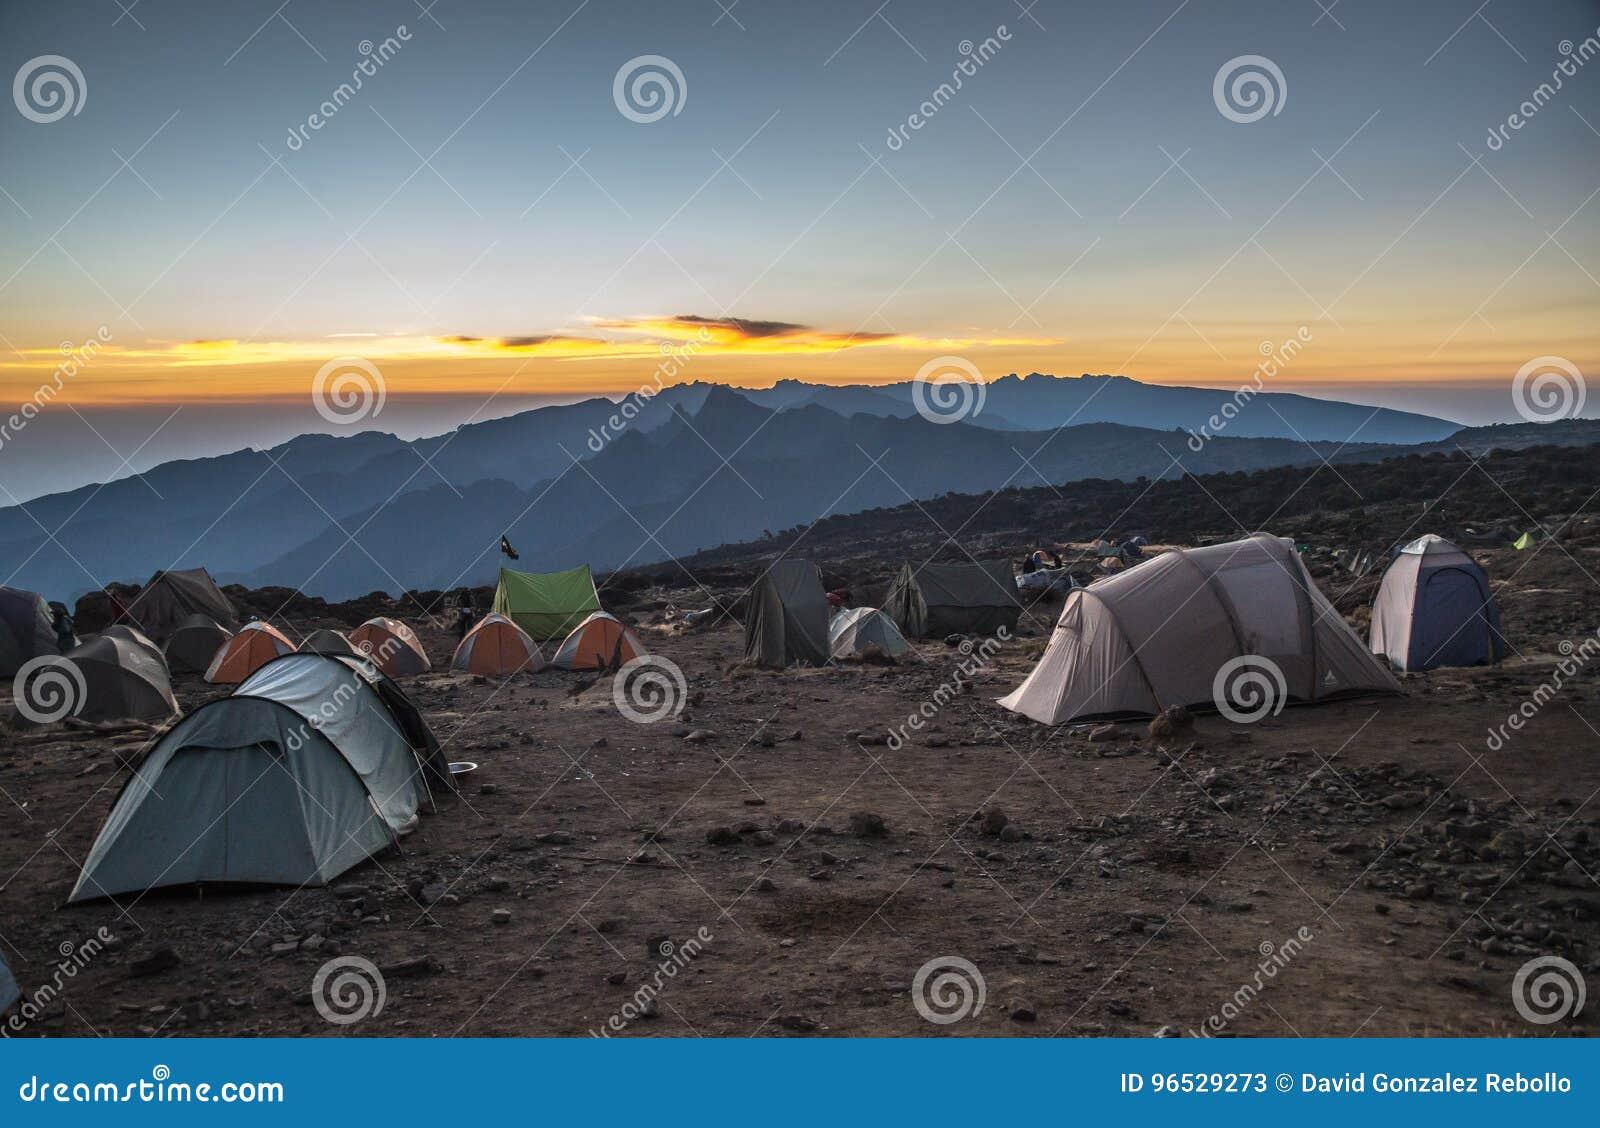 Campsite view in Kilimanjaro Machame route